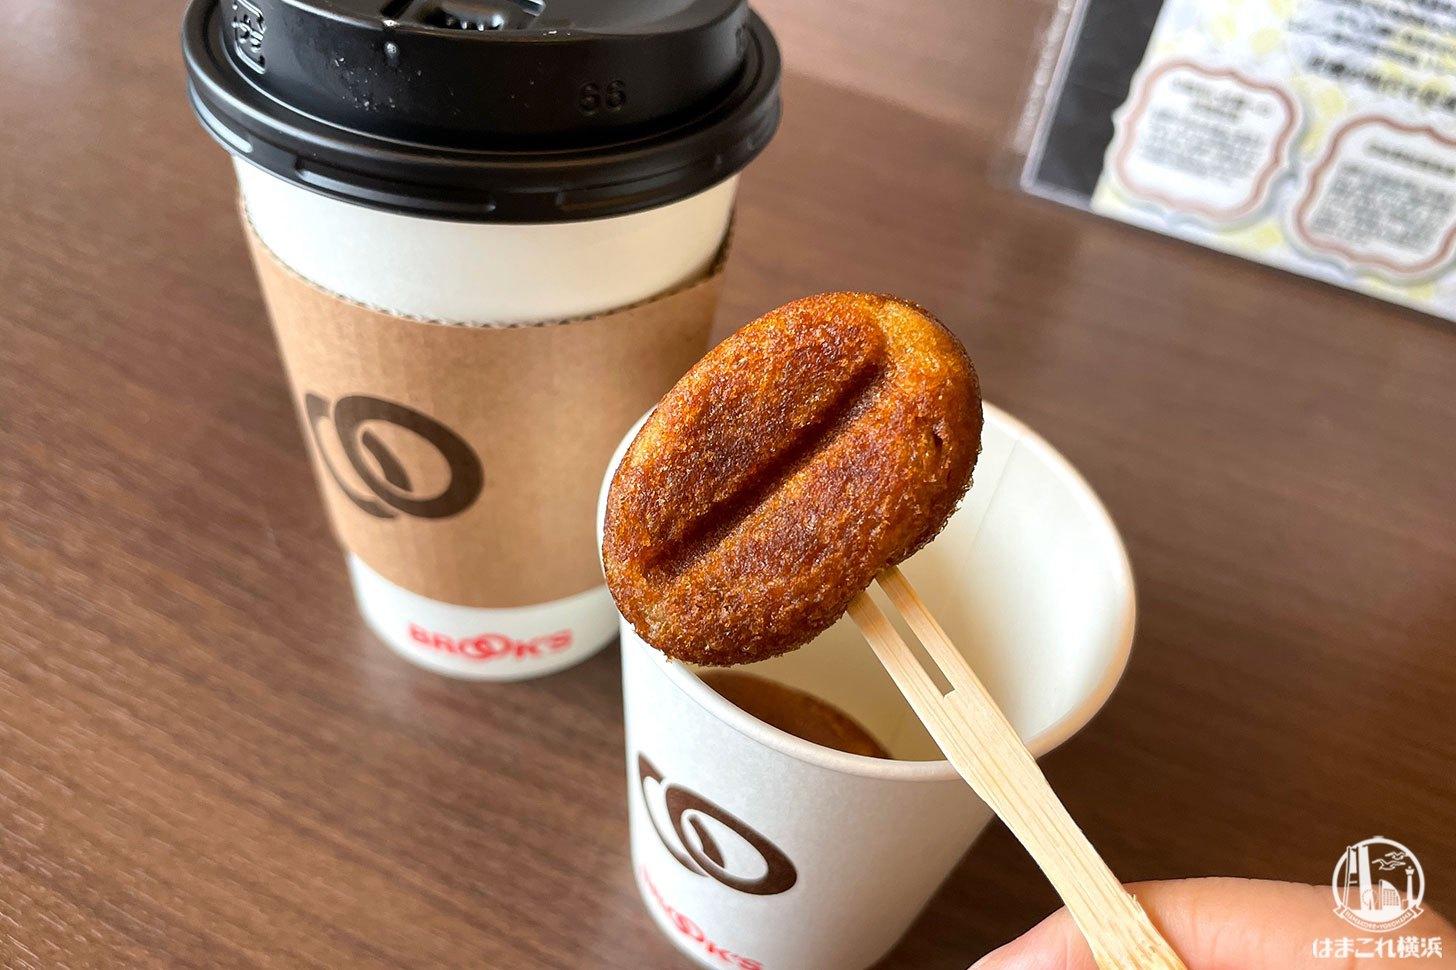 ブルックス秦野のショップは珈琲ドリップバッグ超お得!足湯カフェにも癒された